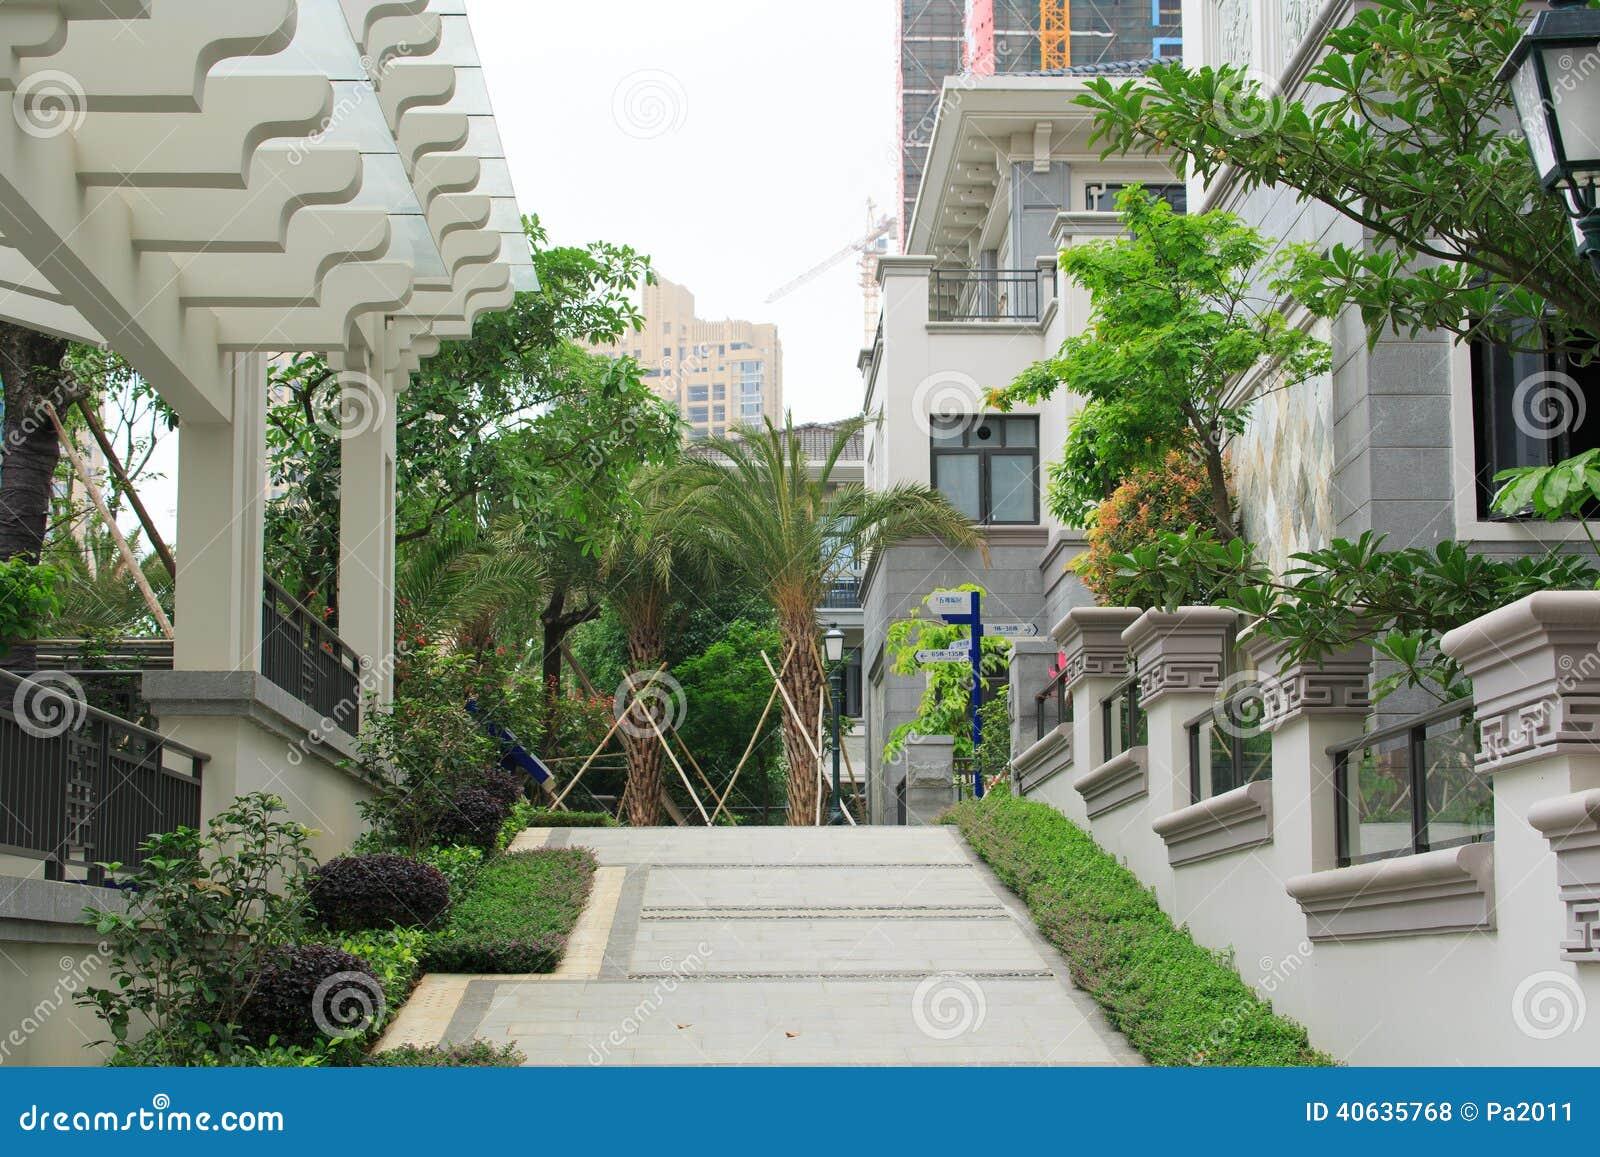 Imagens de #7DA12A 112. fotos jardim residencial:Jardim residencial em China 1300x957 px 3426 Bloco Cad Banheiro Deficiente Planta